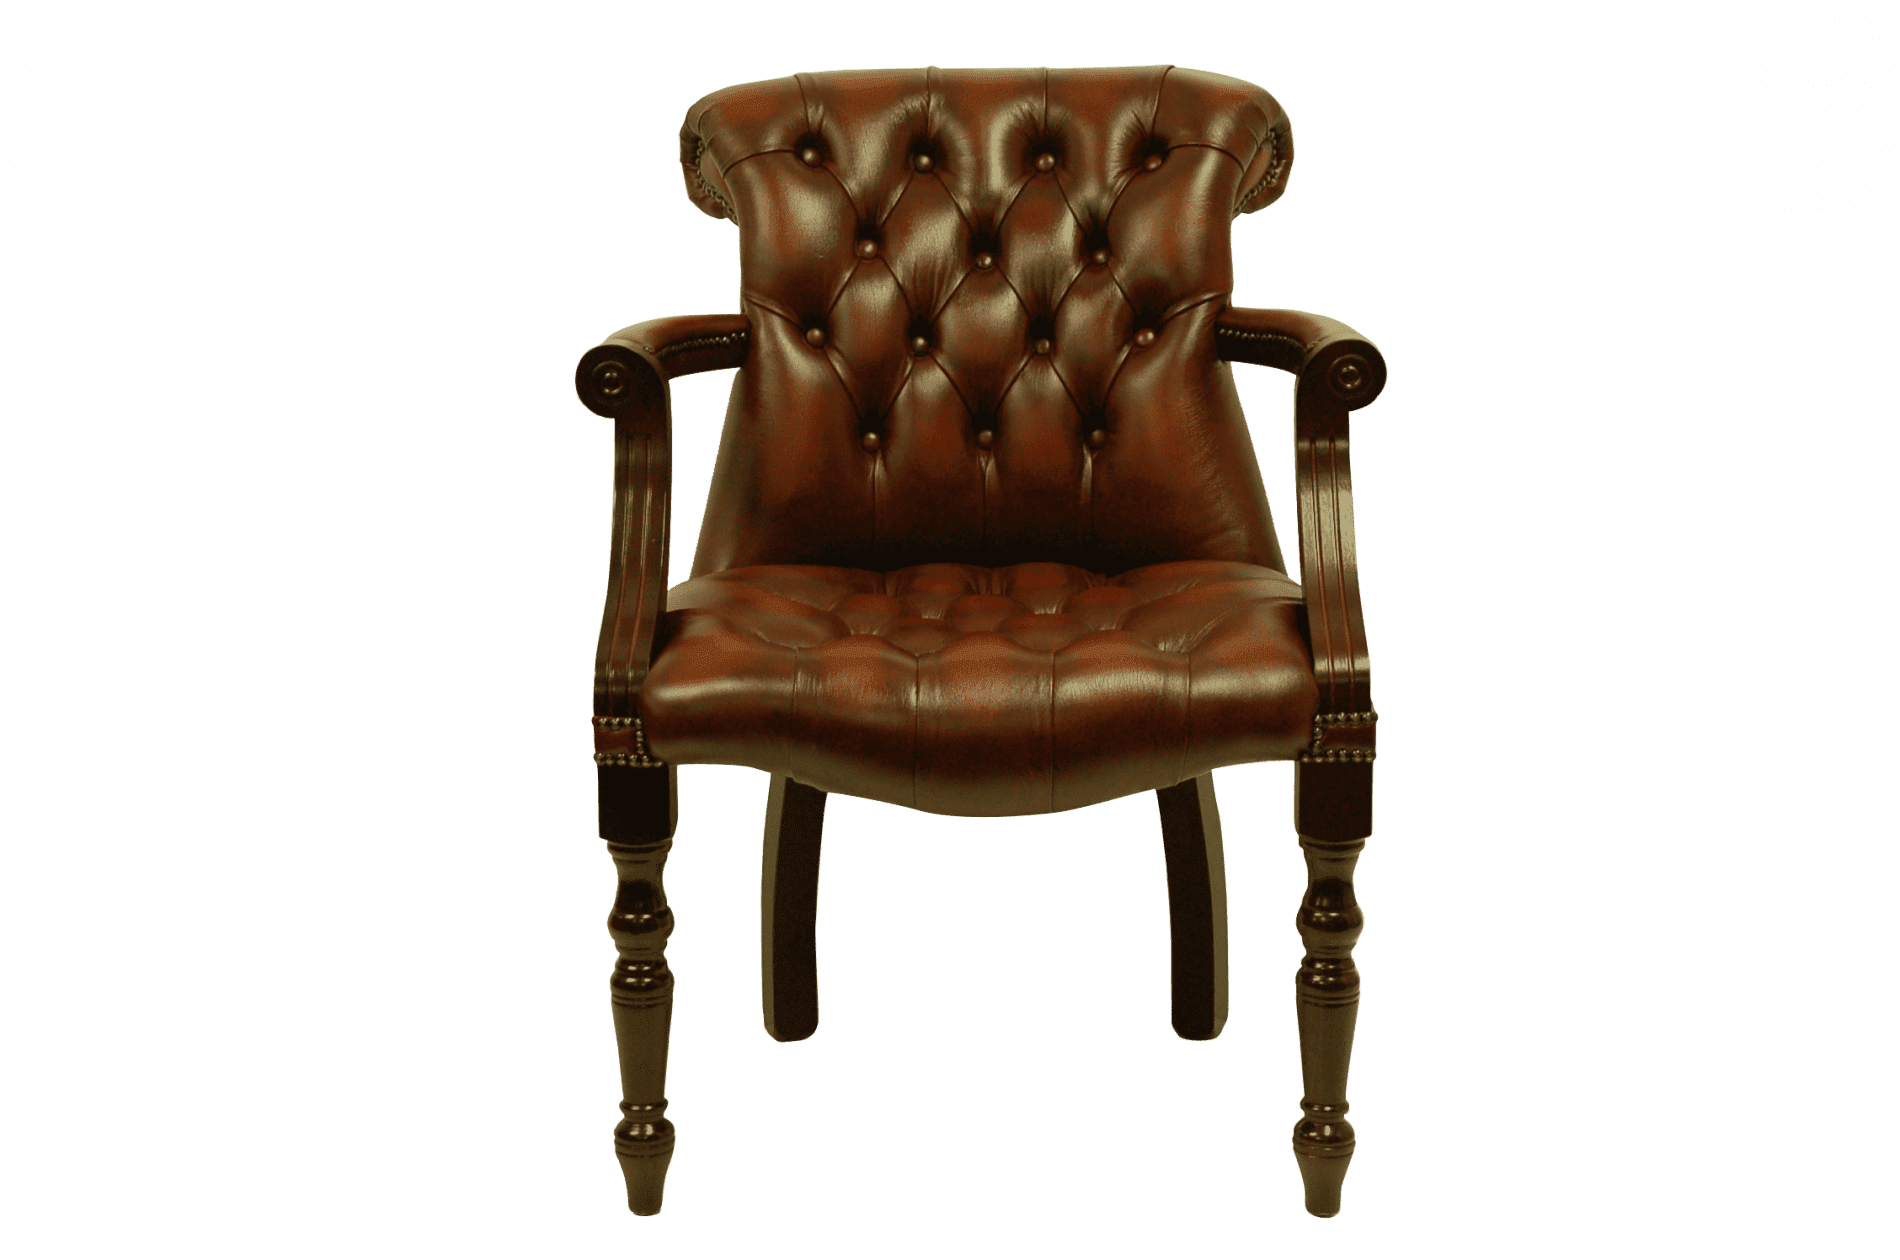 delta-chesterfield-admiral-stand-chair-light-rust-bureaustoel-vooraanzicht